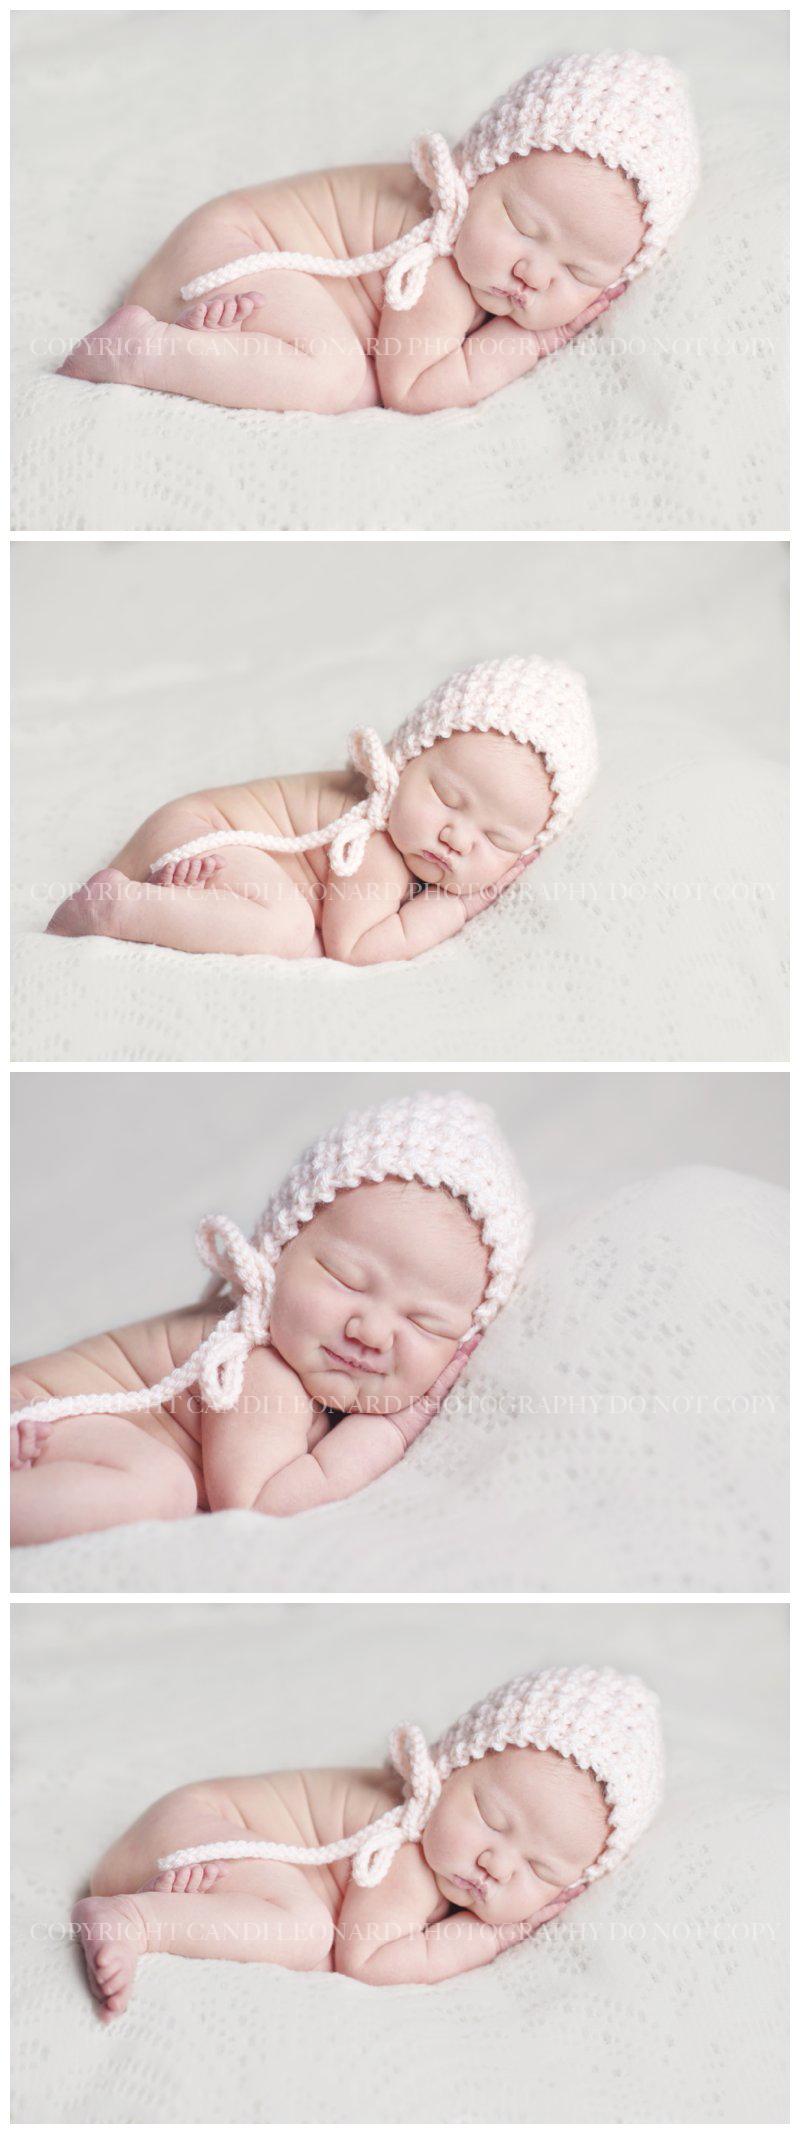 Nature_newborn_asheboro_NC__0243